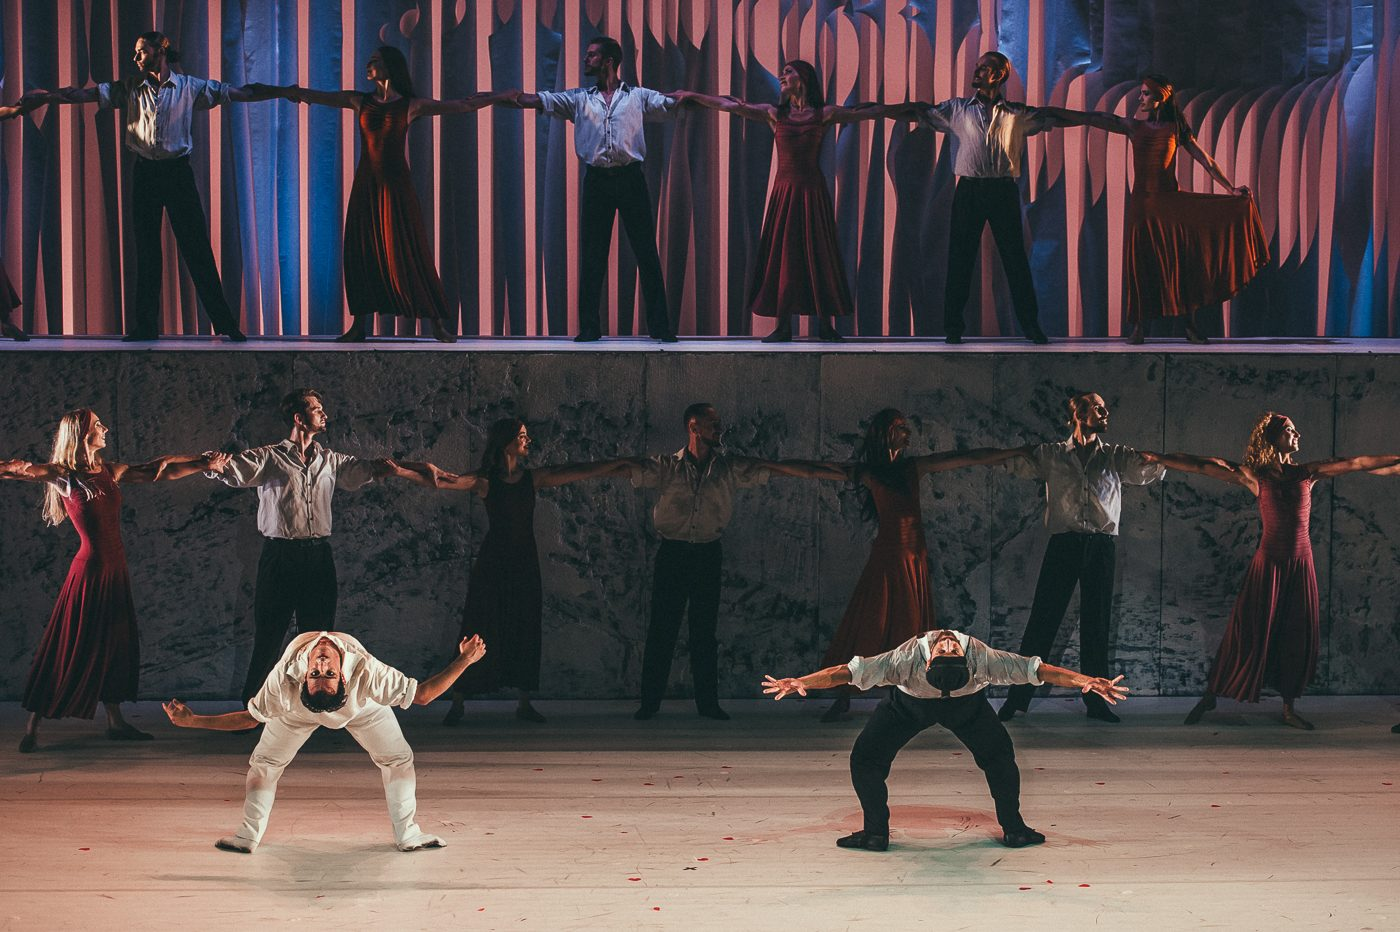 Premjera Zorba Muzikinis Teatras E.sabaliauskaite 046